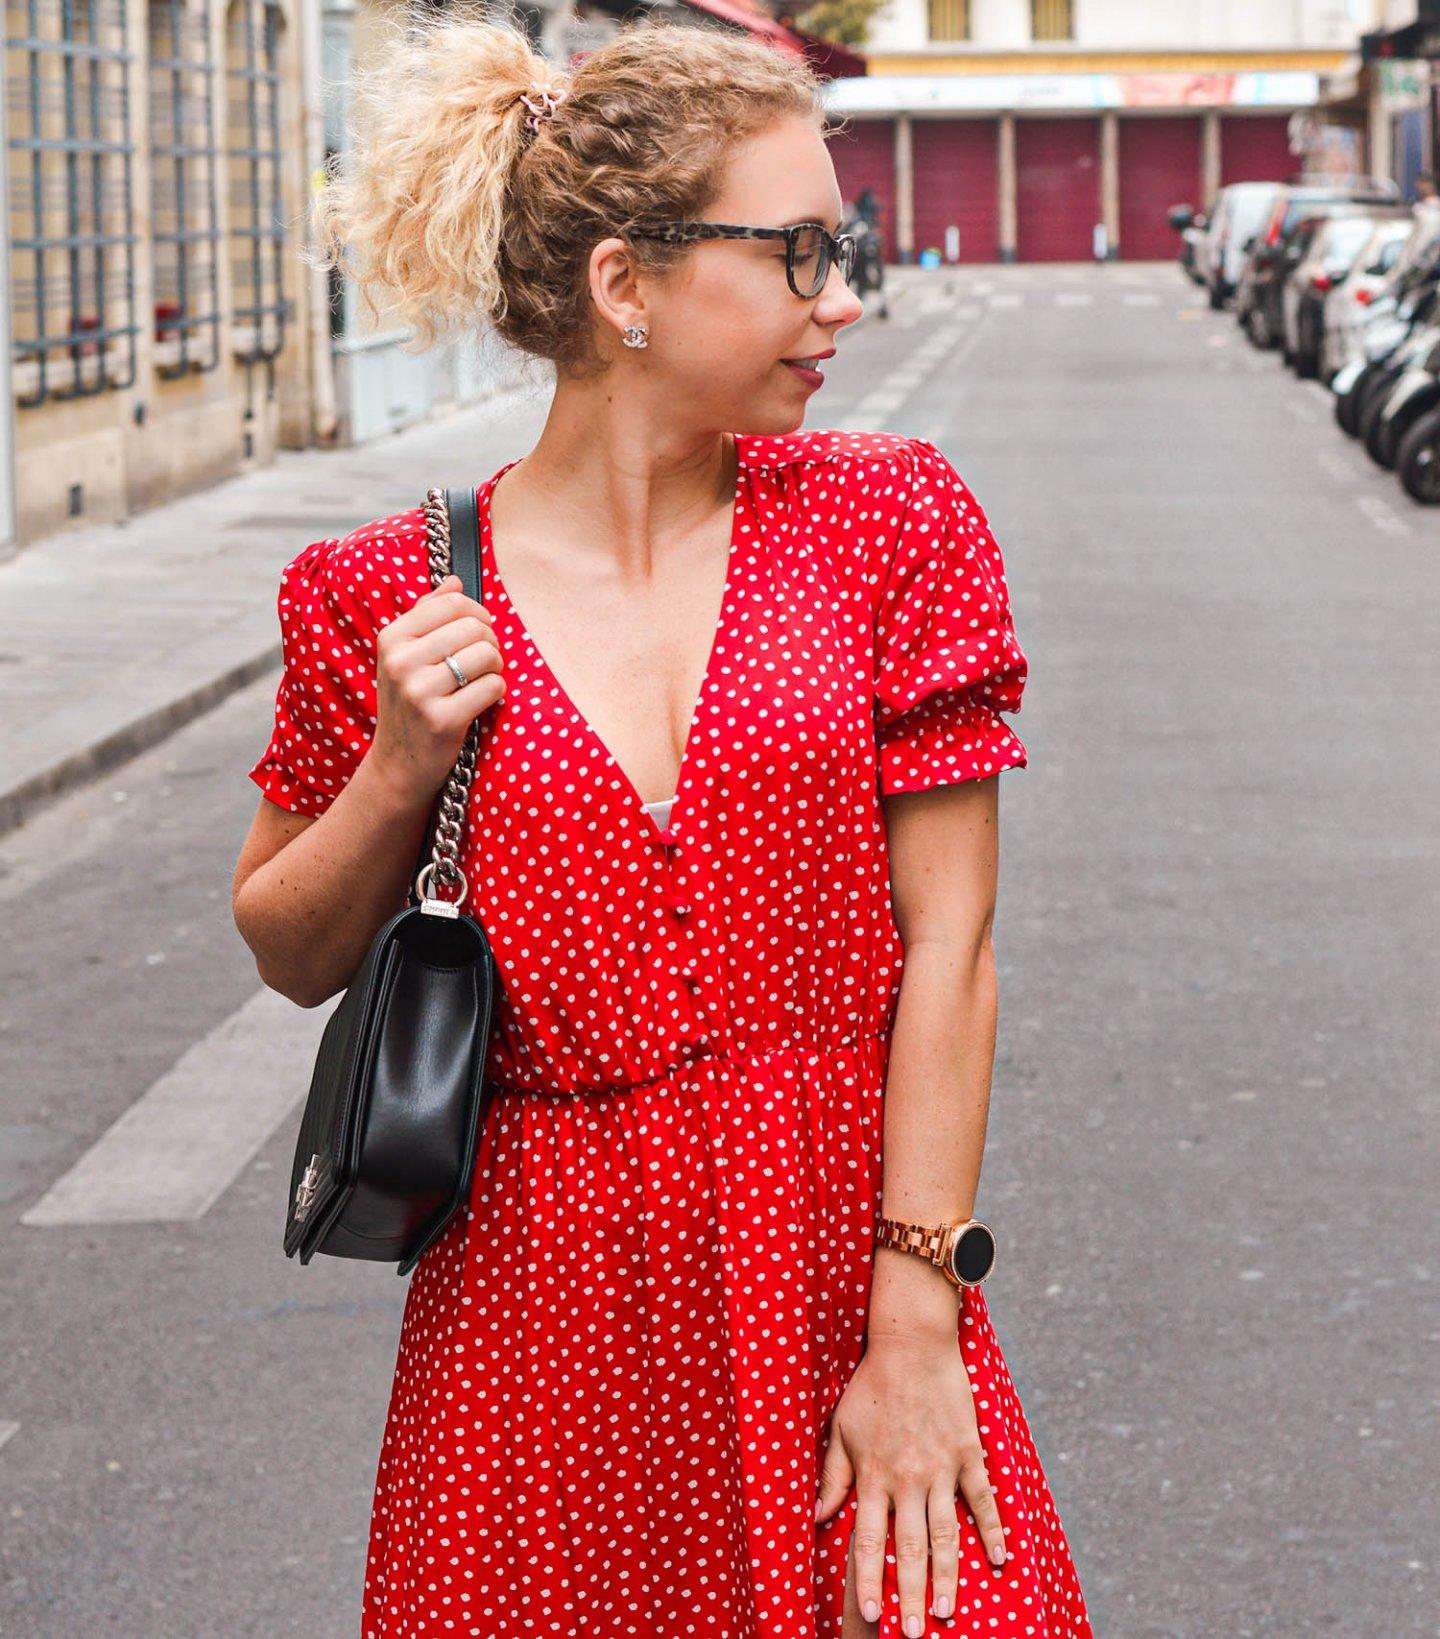 Kleid mit punkten und Chanel Tasche in paris